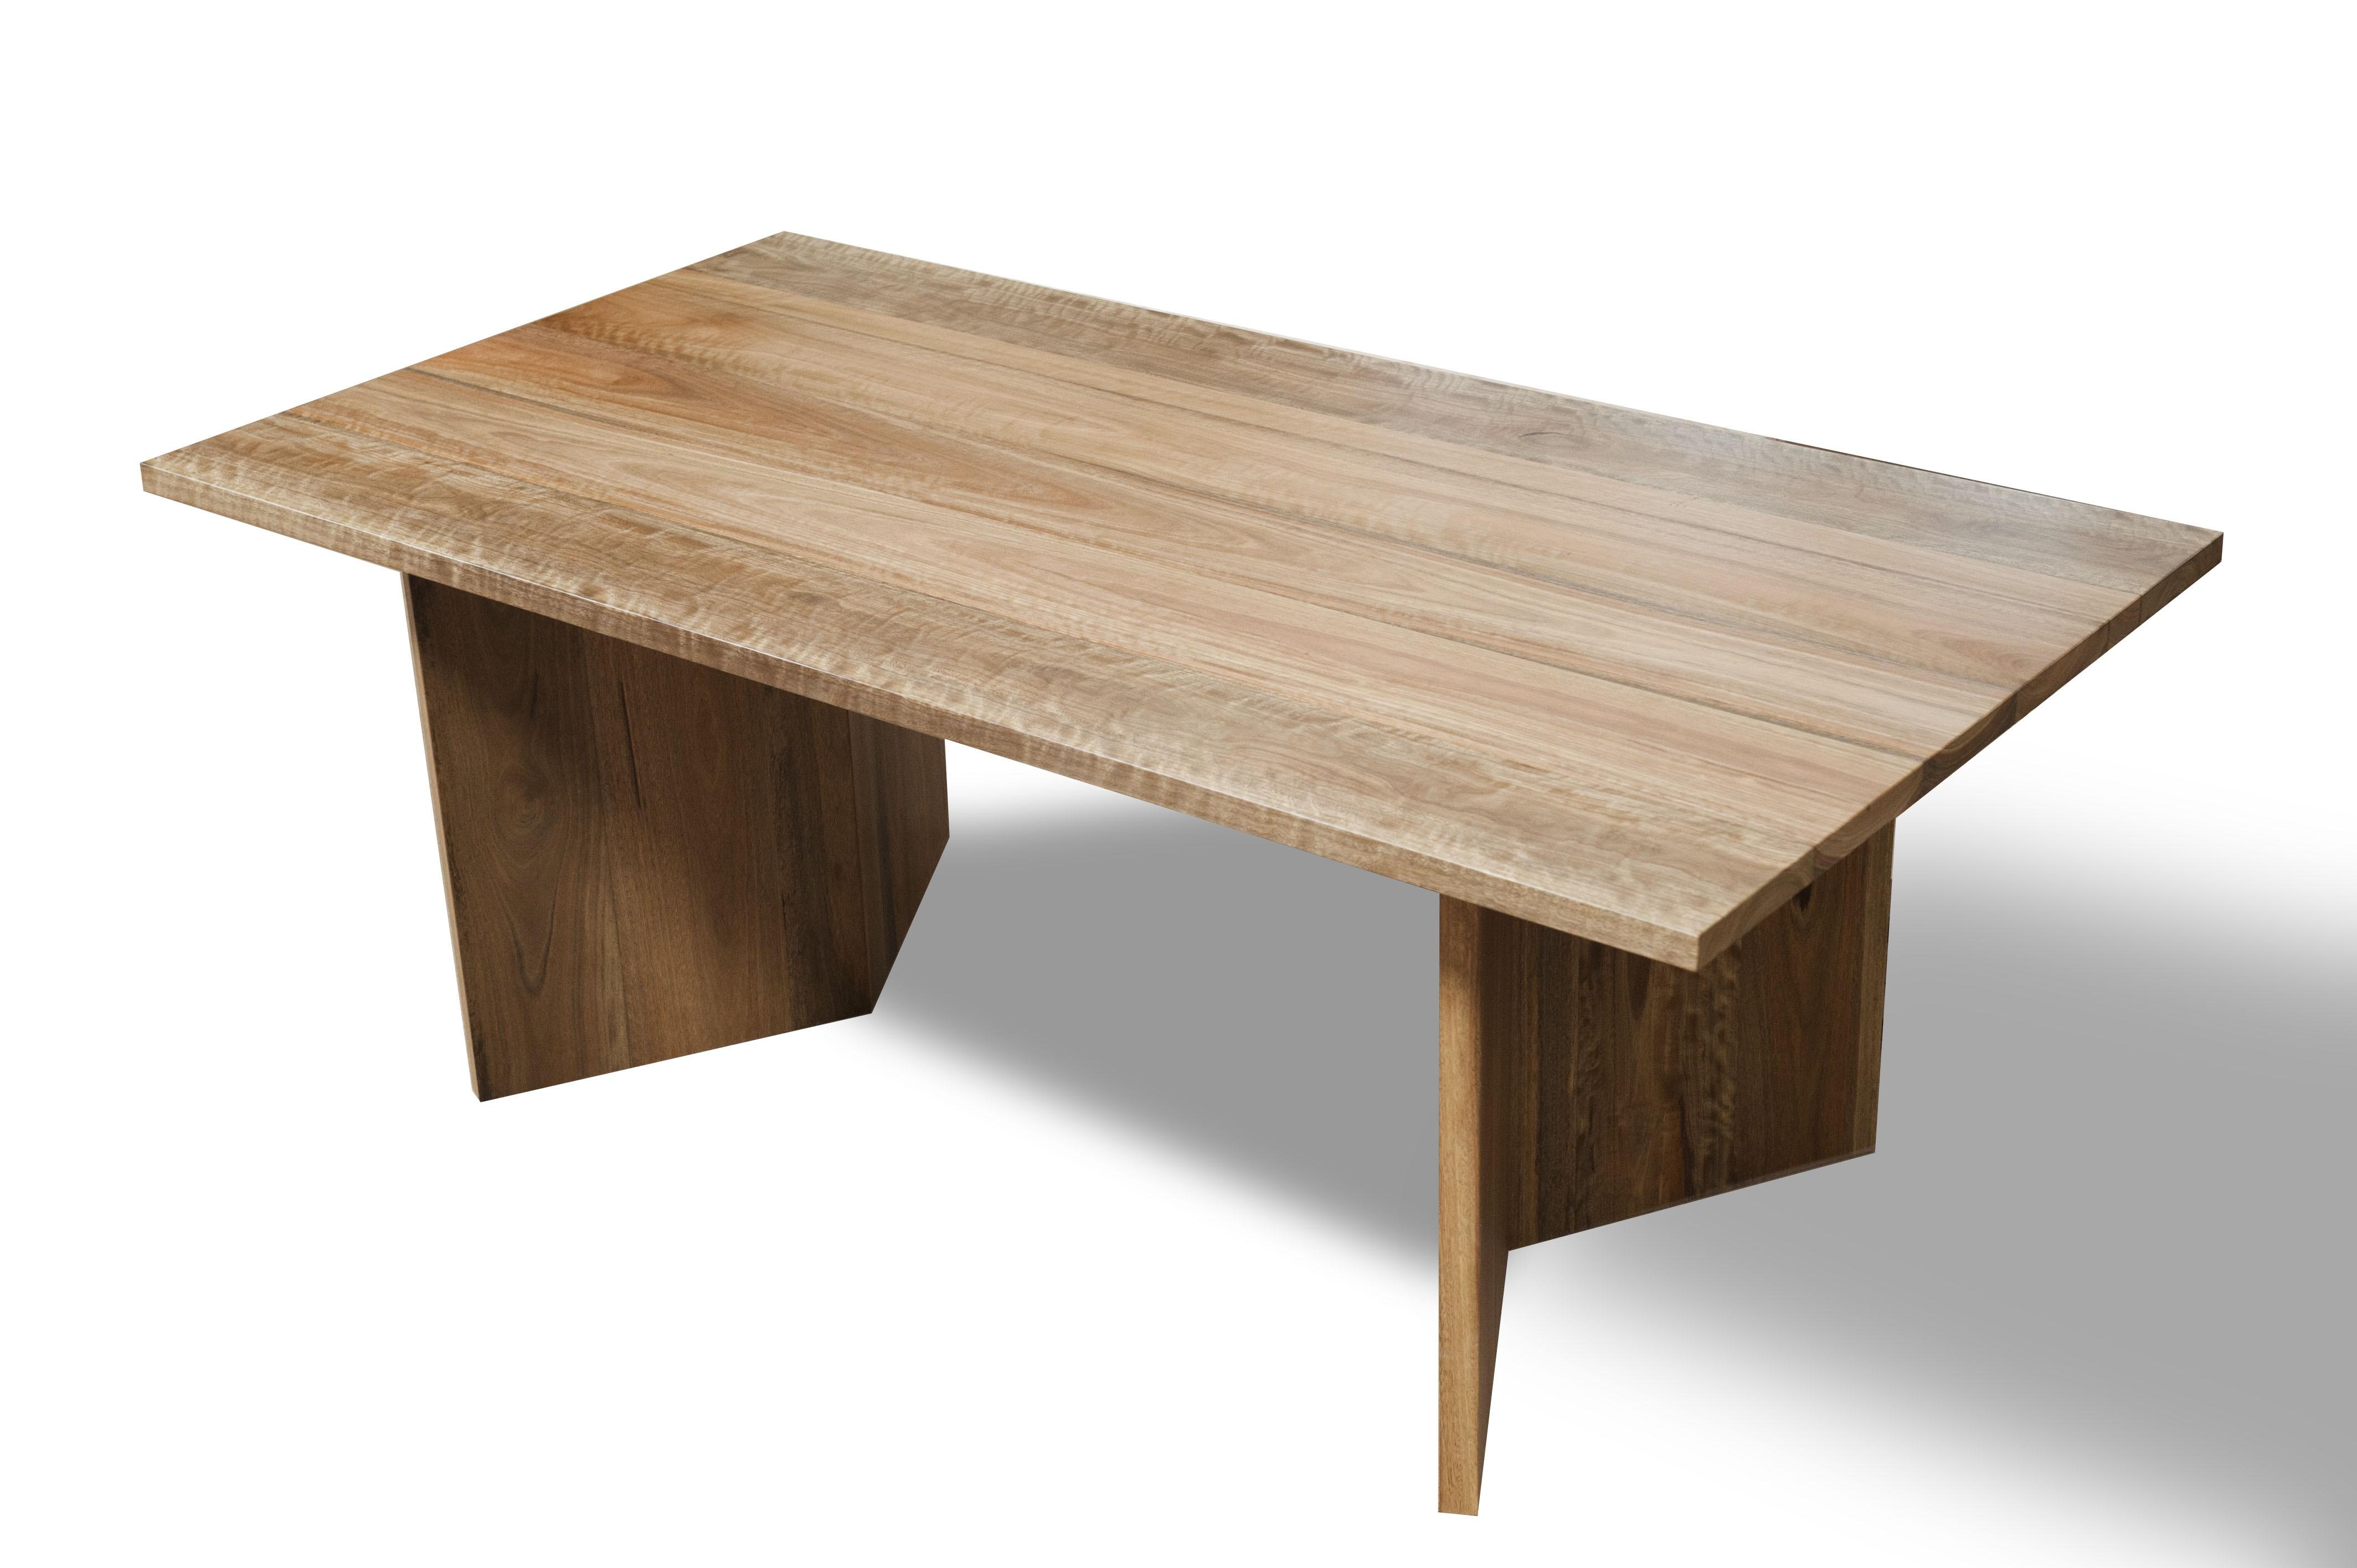 B & W Solid Wood Furniture B&W Furniture Tasmanian Oak